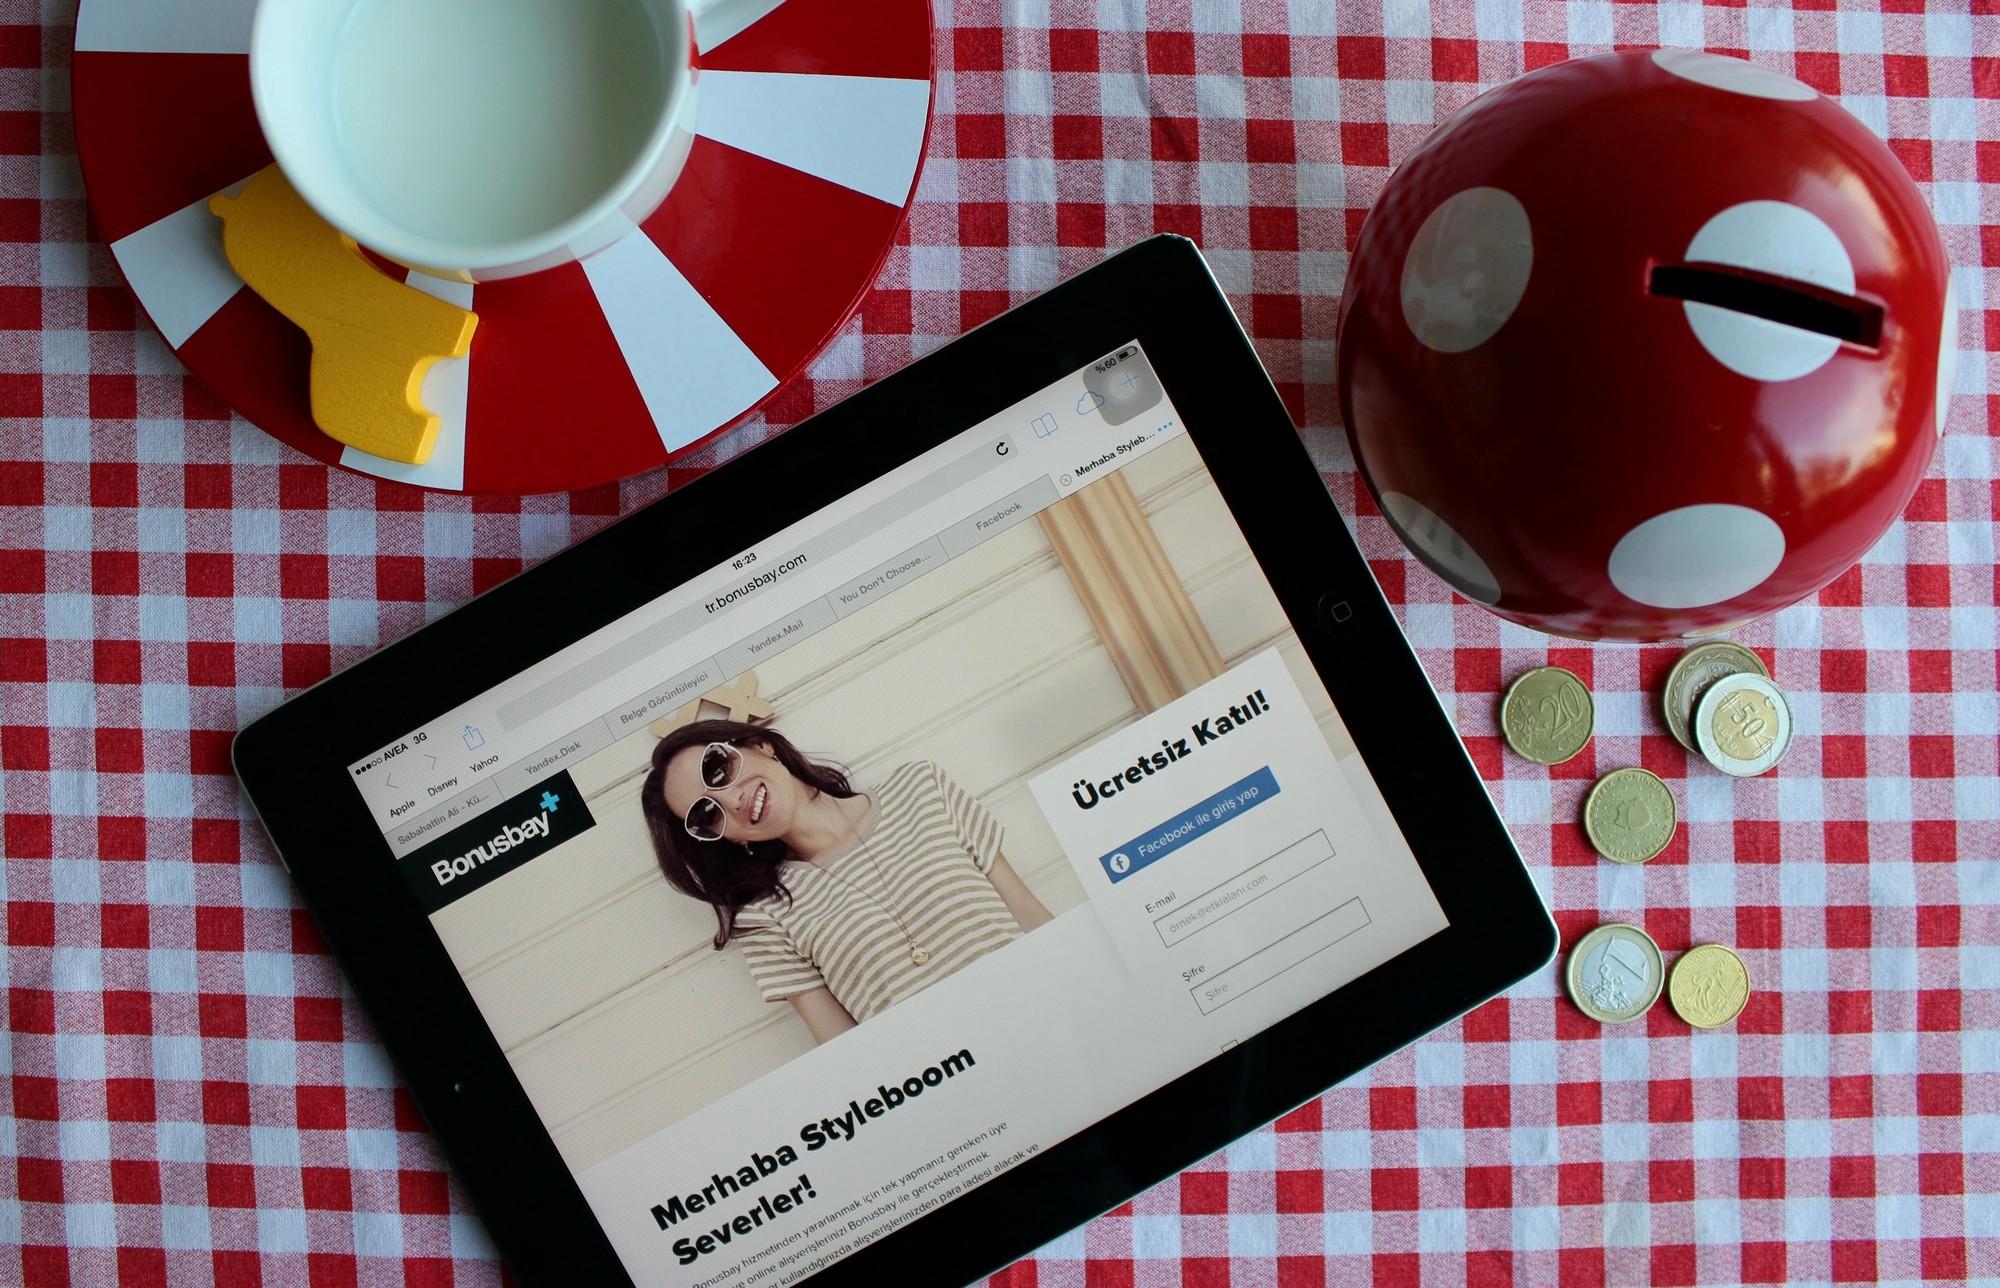 bonusbay ile alisveris, bonusbay.com ile alışveriş nasıl yapılır, online alışveriş yaparken para kazanmak, bonuslu alışveriş